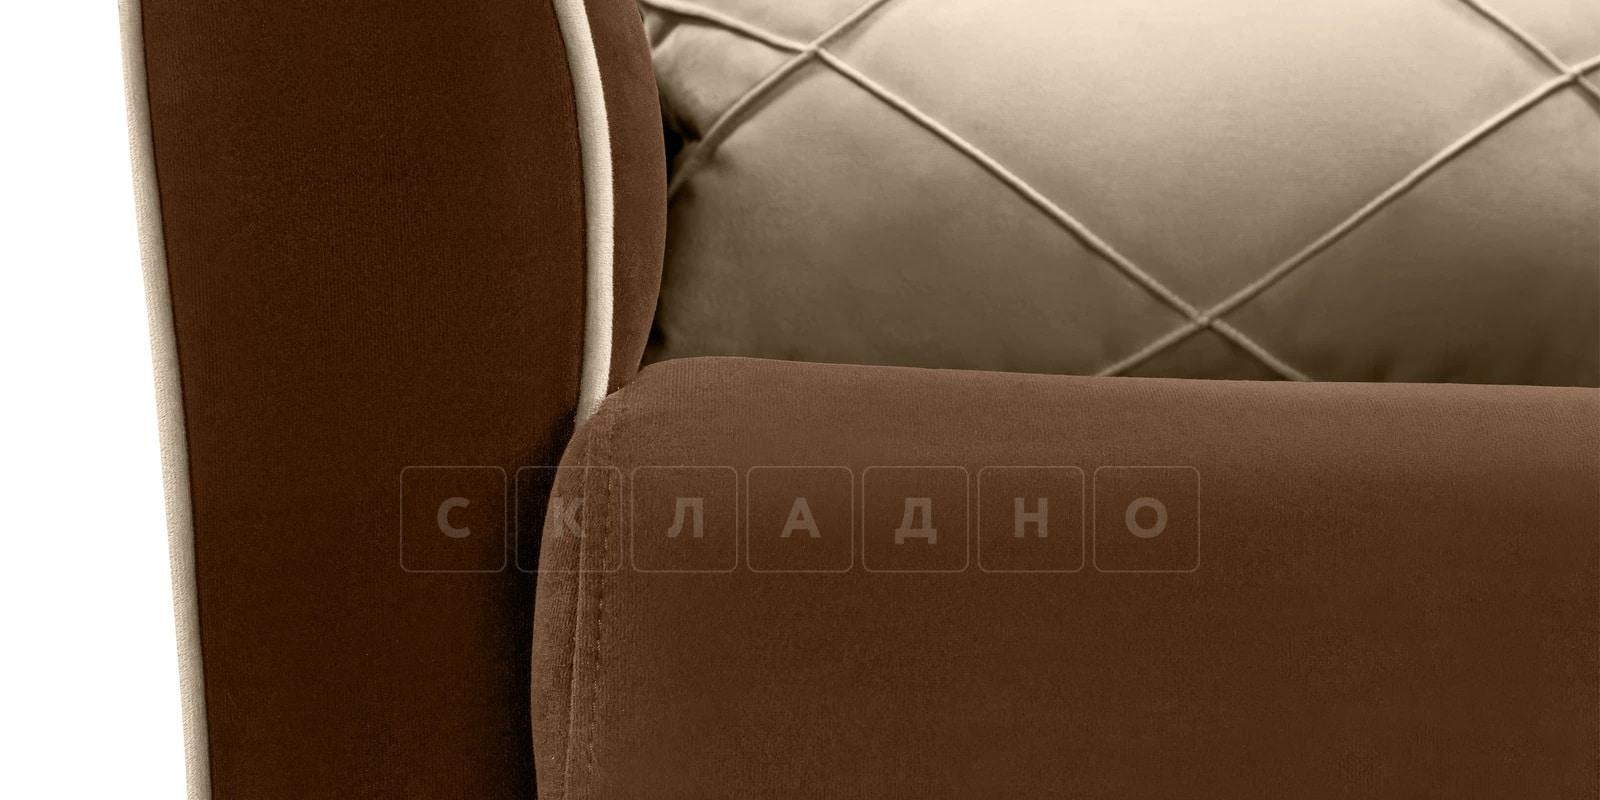 Кресло Флэтфорд велюр коричневый с бежевым кантом фото 5 | интернет-магазин Складно